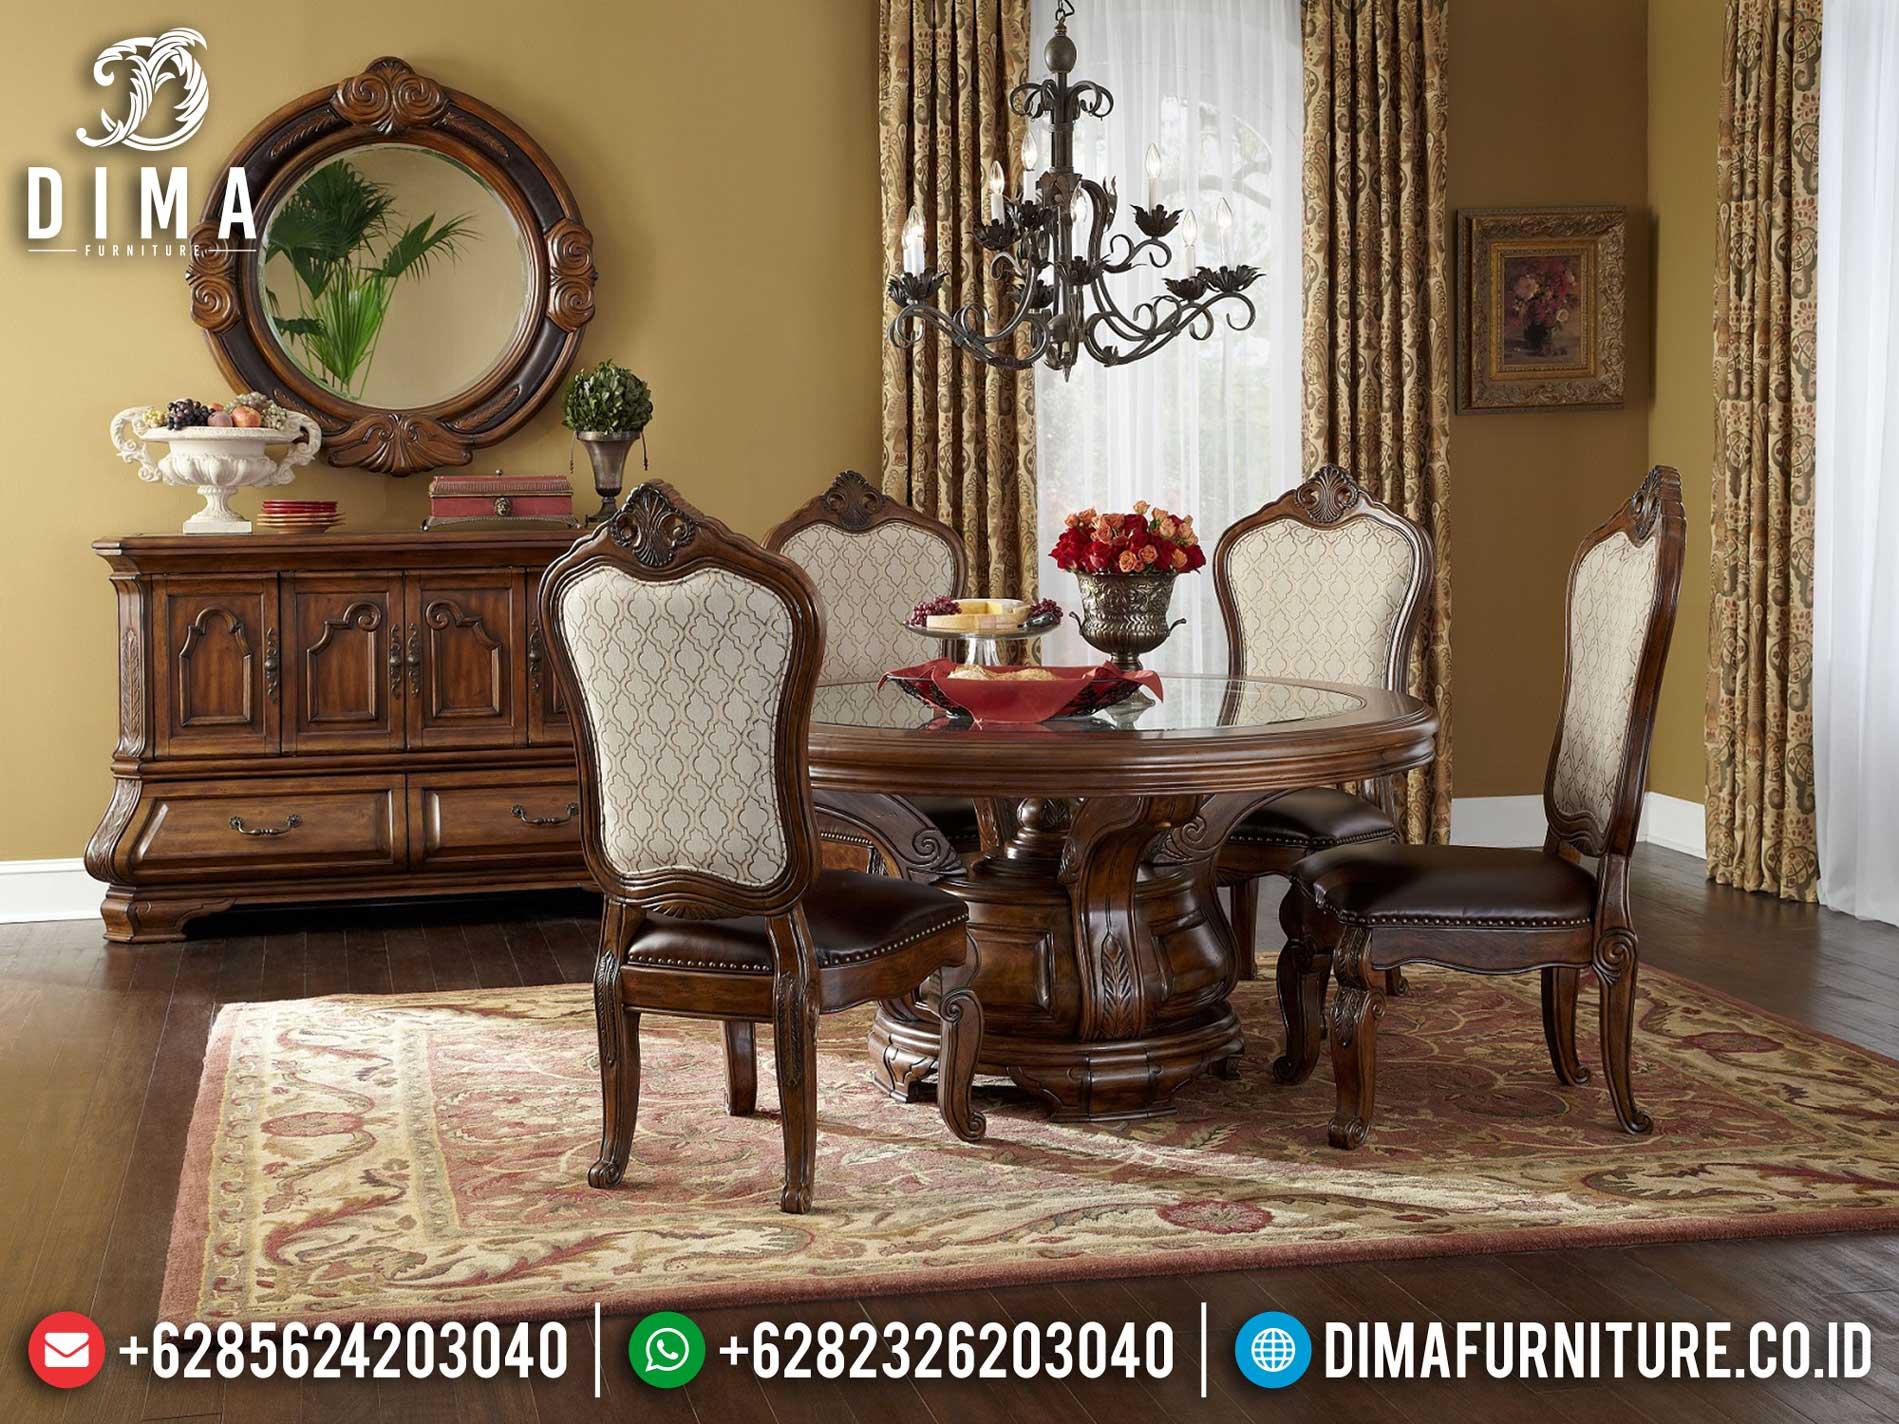 Harga Meja Makan Minimalis Jepara Natural Jati Model Bulat Ukiran Luxury TTJ-1315